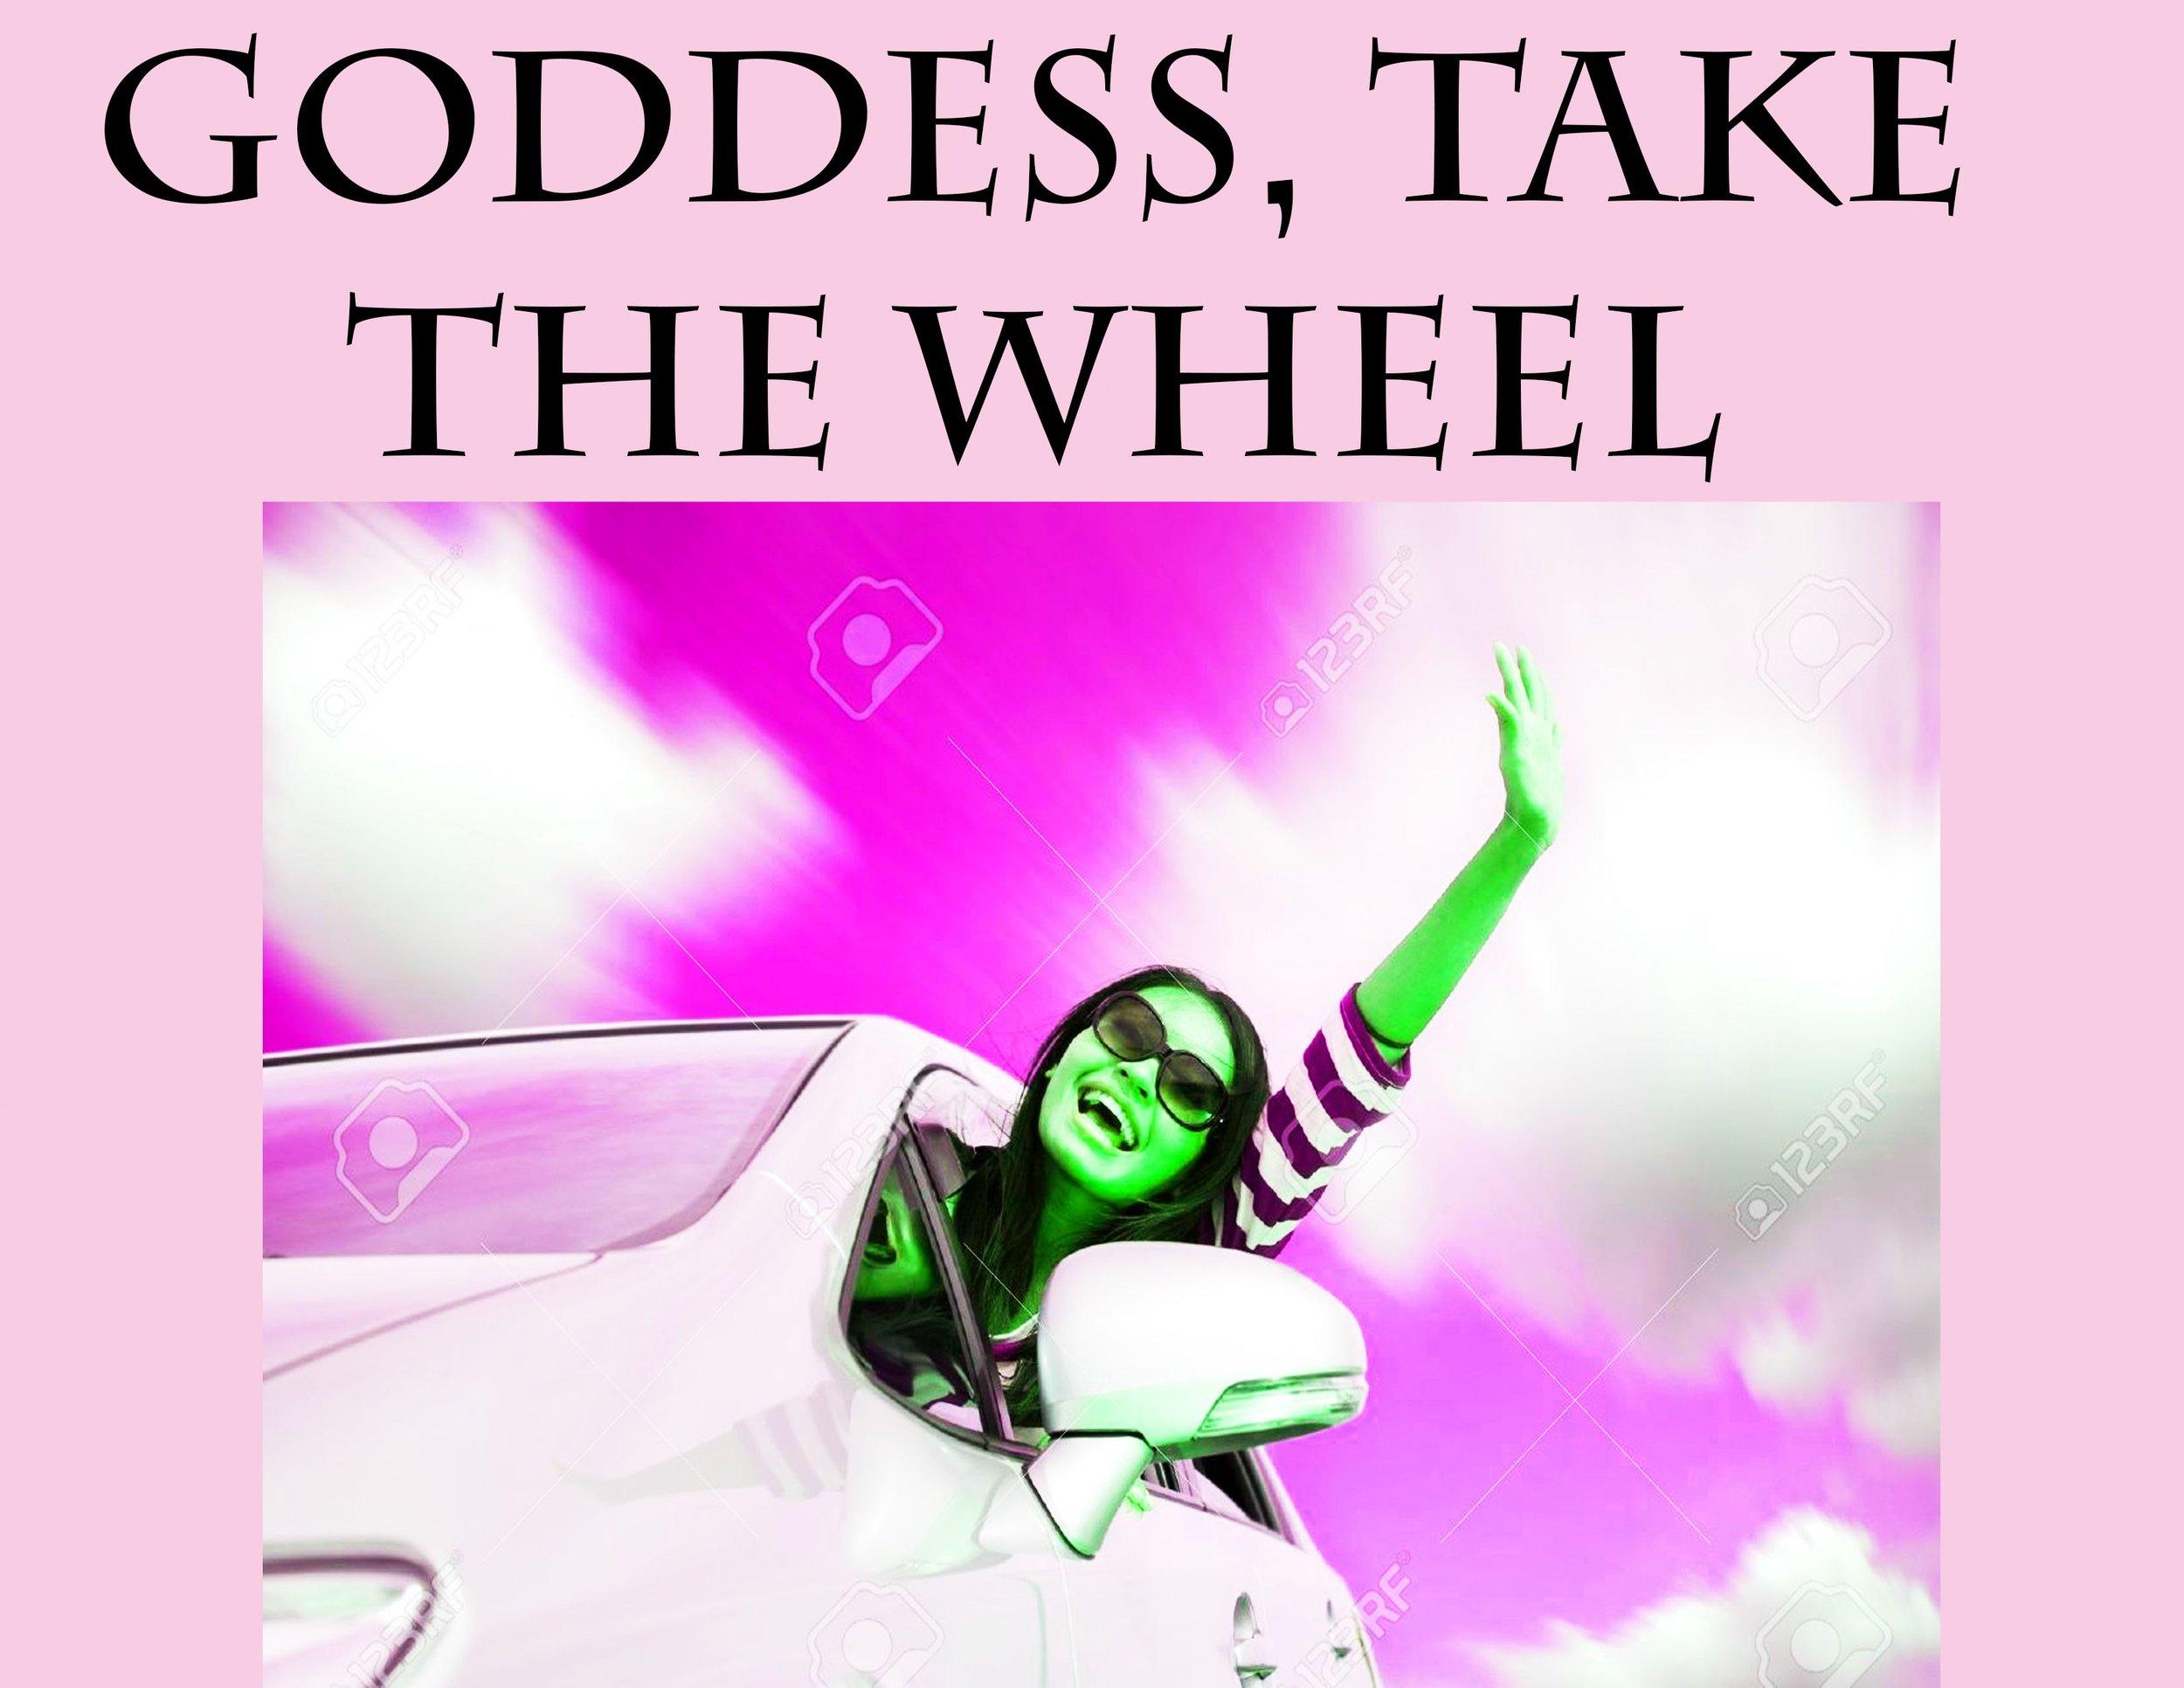 goddesstakethewheel.jpg